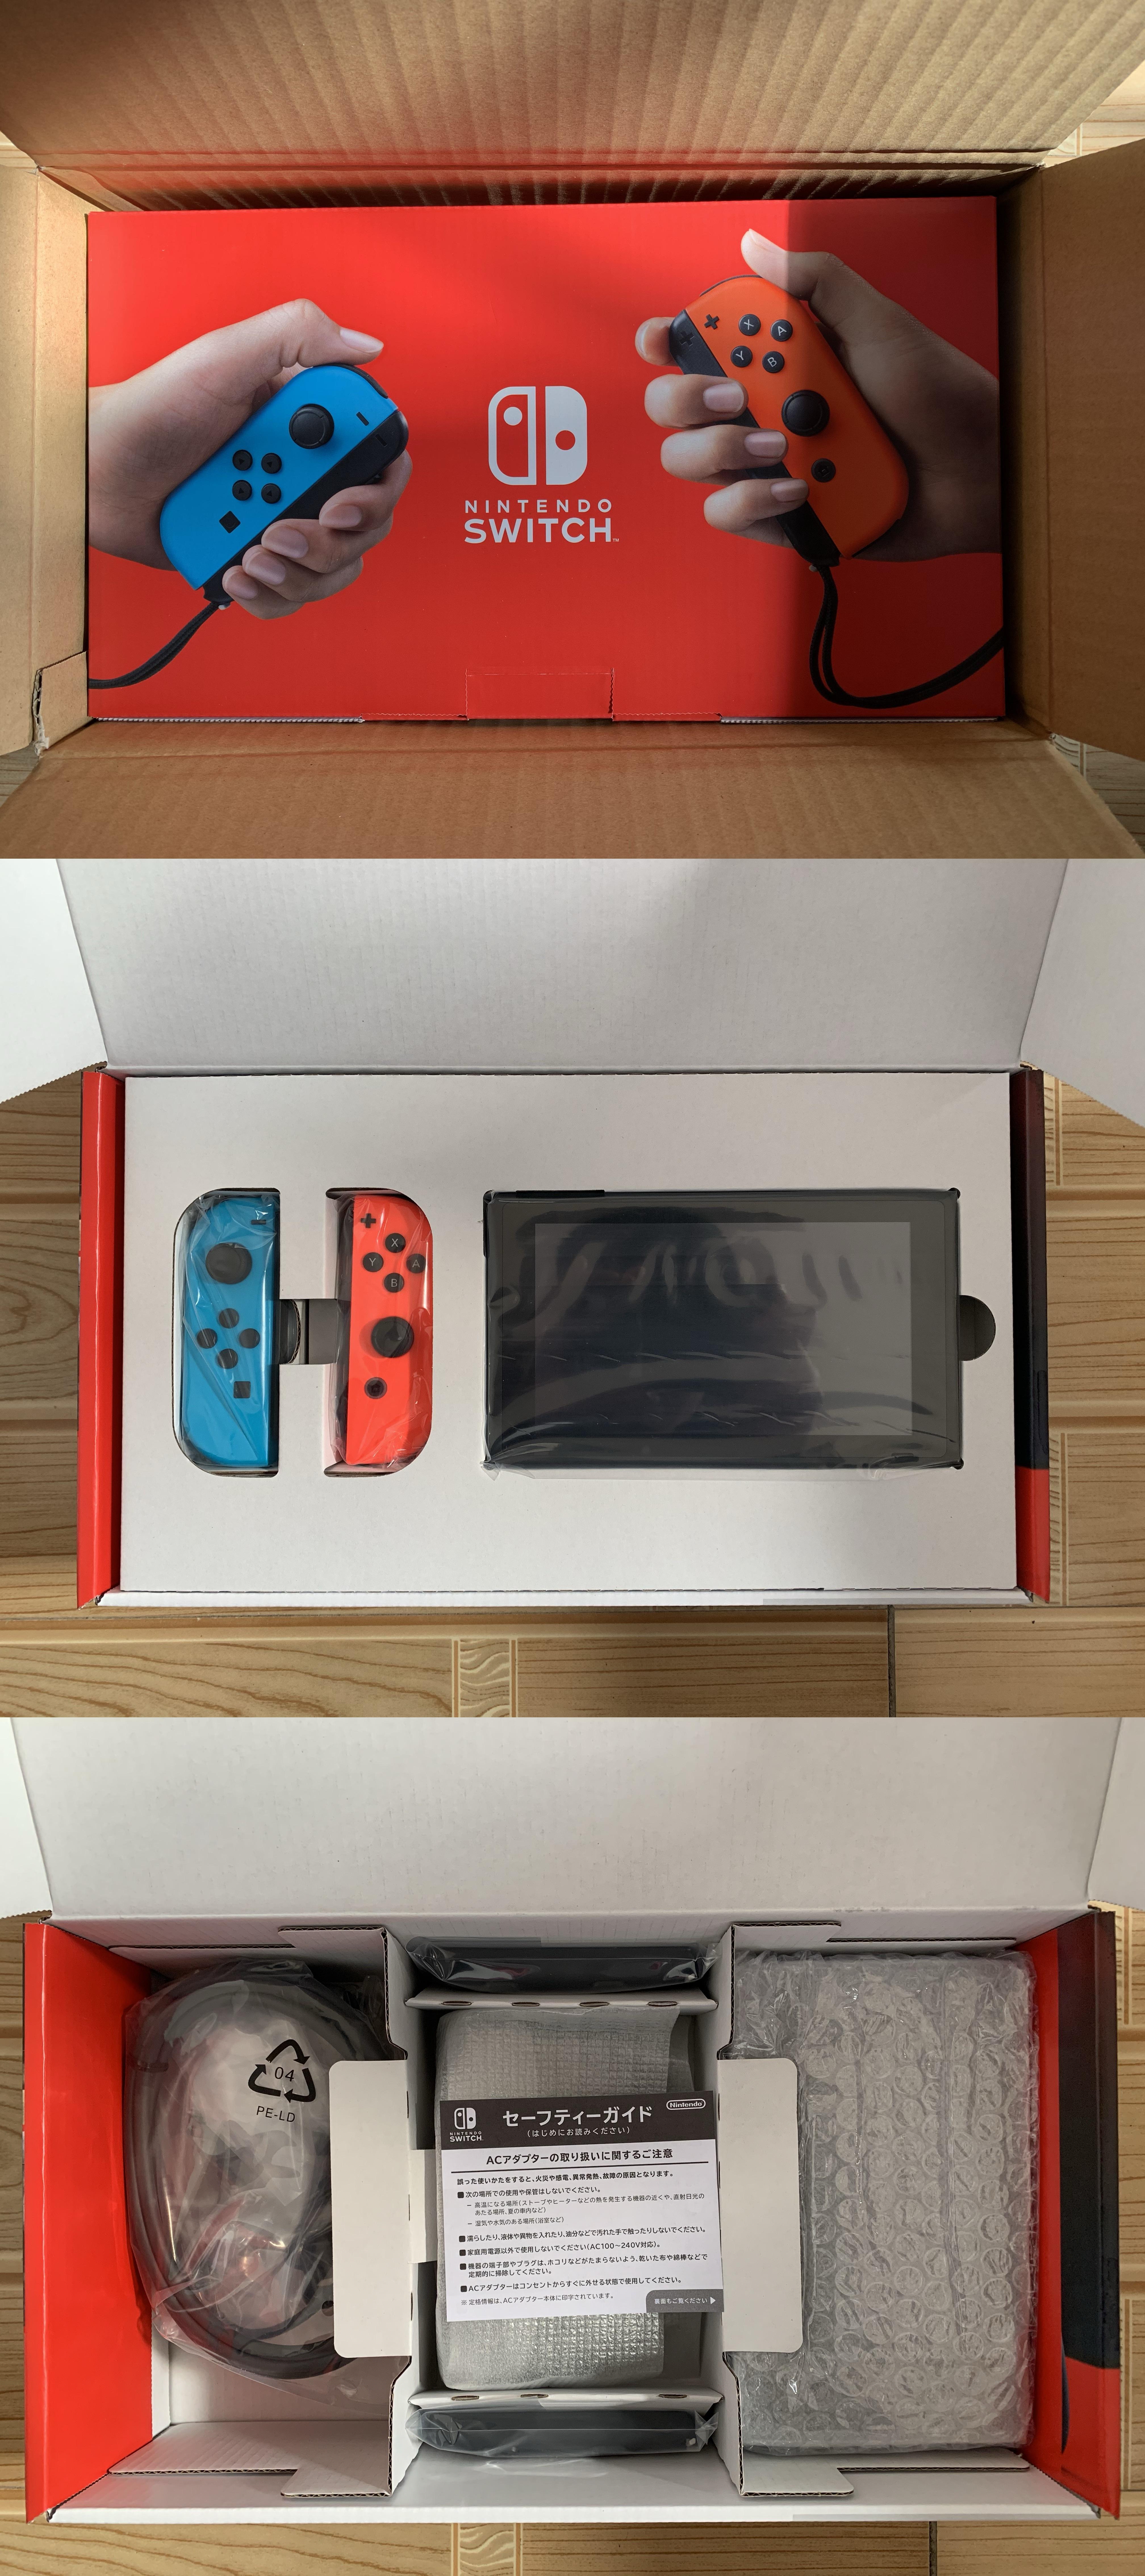 ▲ Switch 包装纸箱